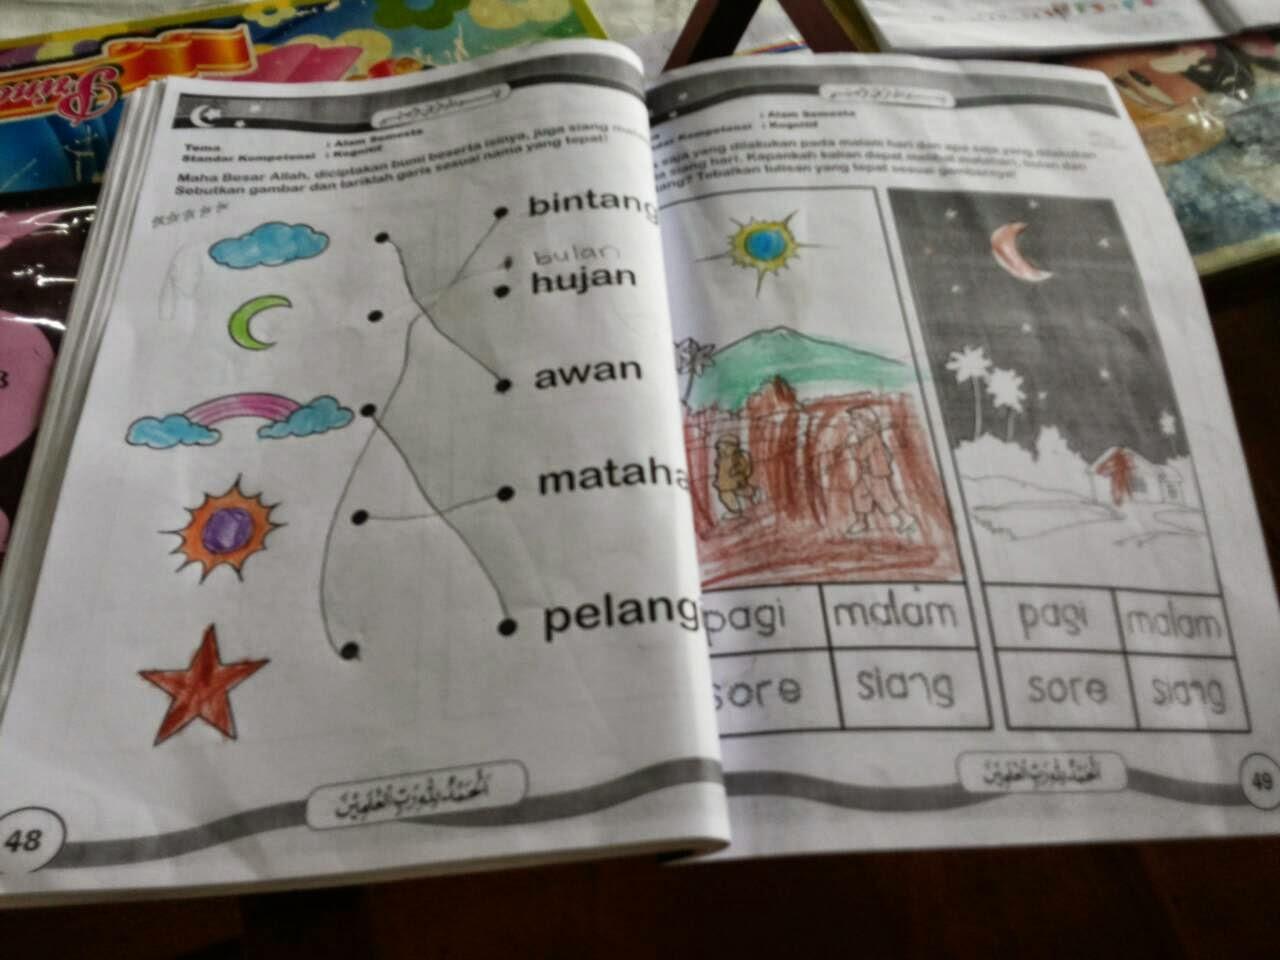 Di hari ketiga ini kami mengajarkan mereka tentang matahari bulan bintang awan Seperti gambar di bawah ini